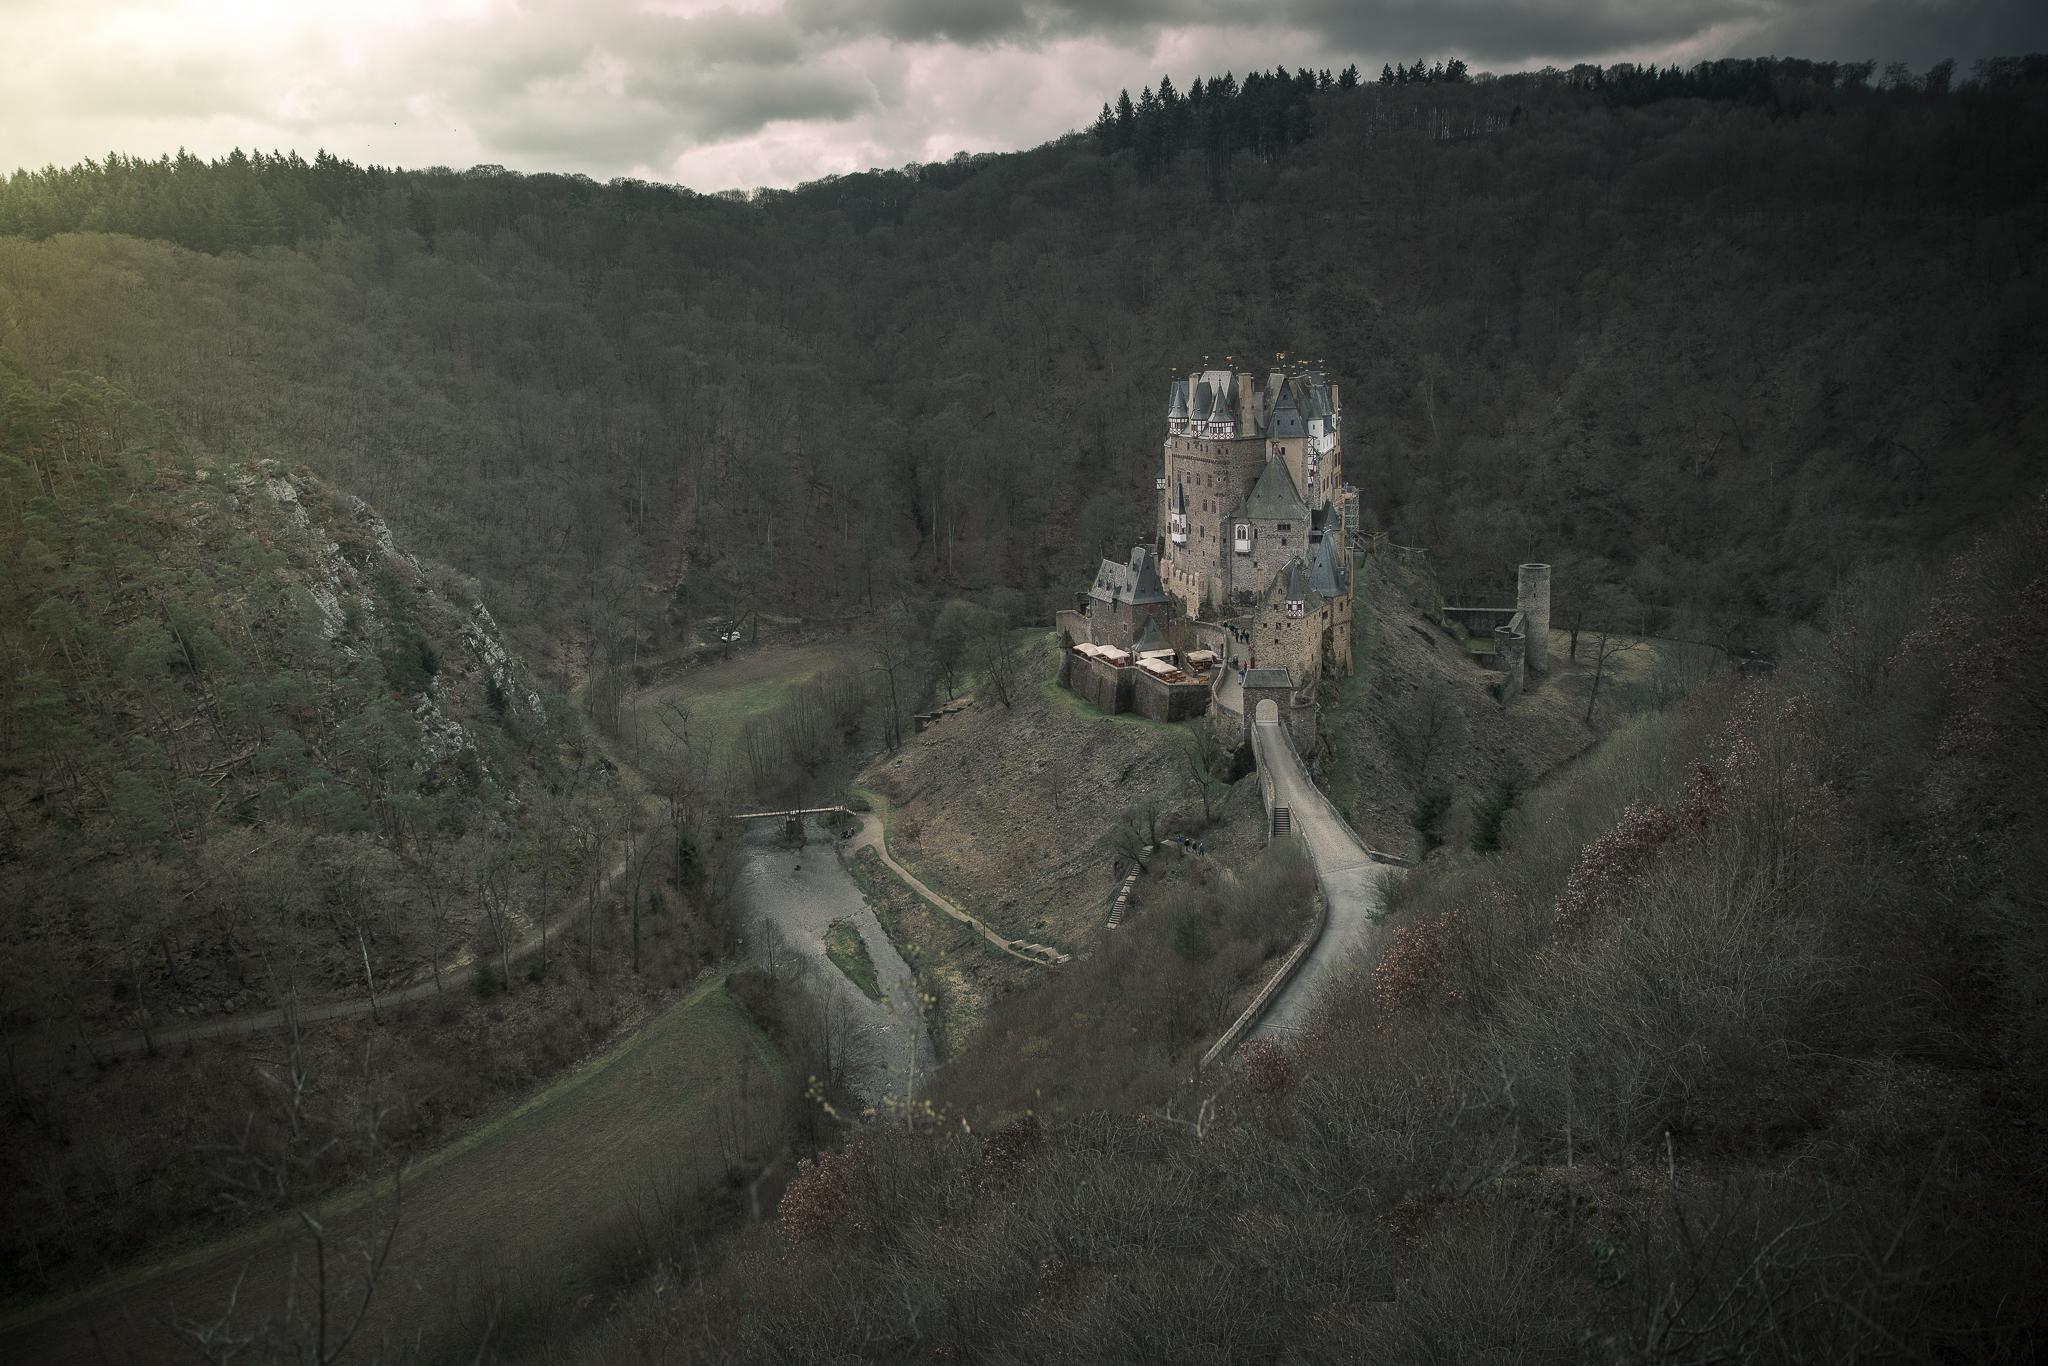 Hier ein Blickwinkel aus dem die Burg schon viele Male abgelichtet wurde